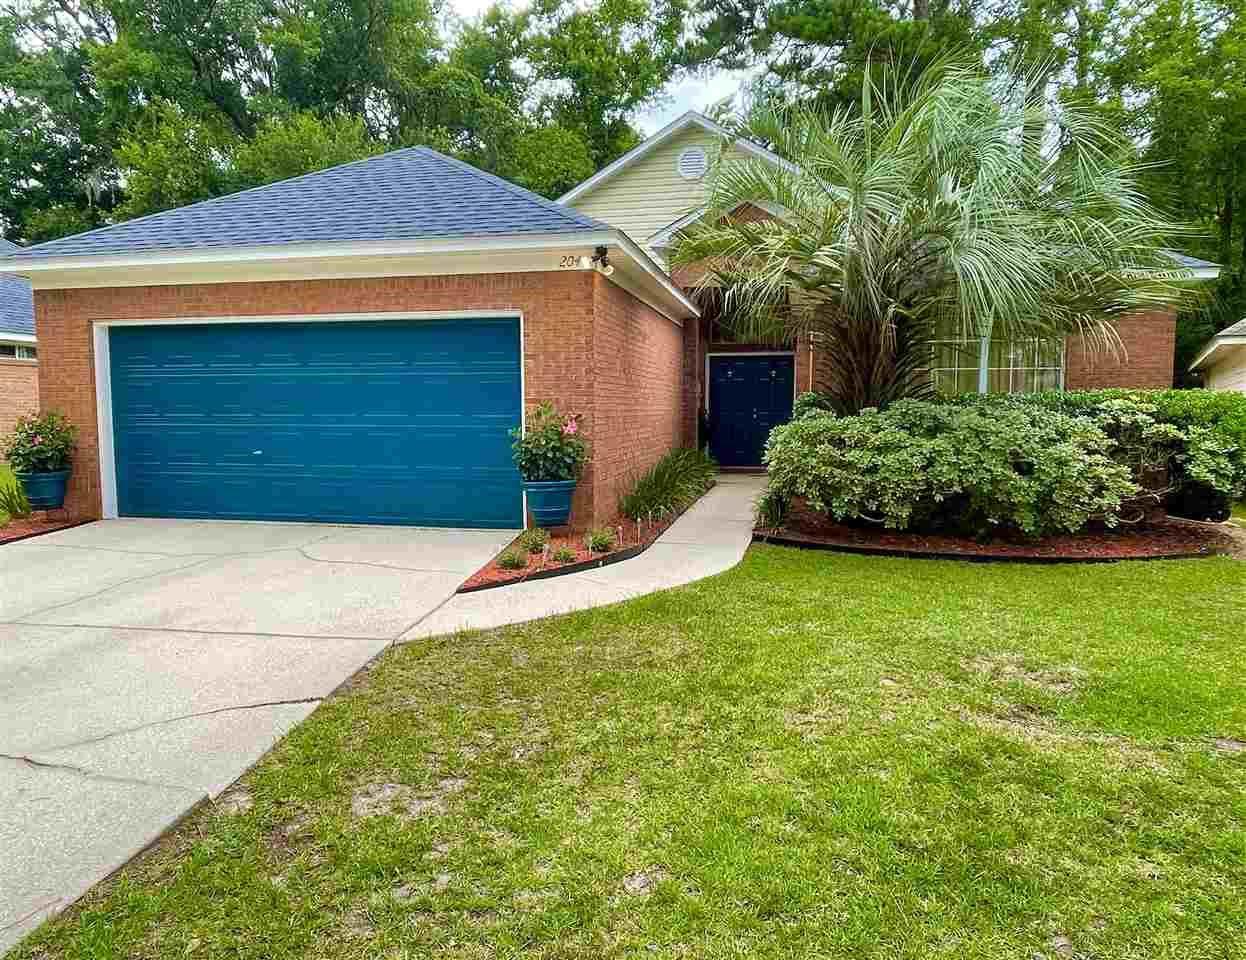 204 Baxter Court, Tallahassee, FL 32312 - MLS#: 333546